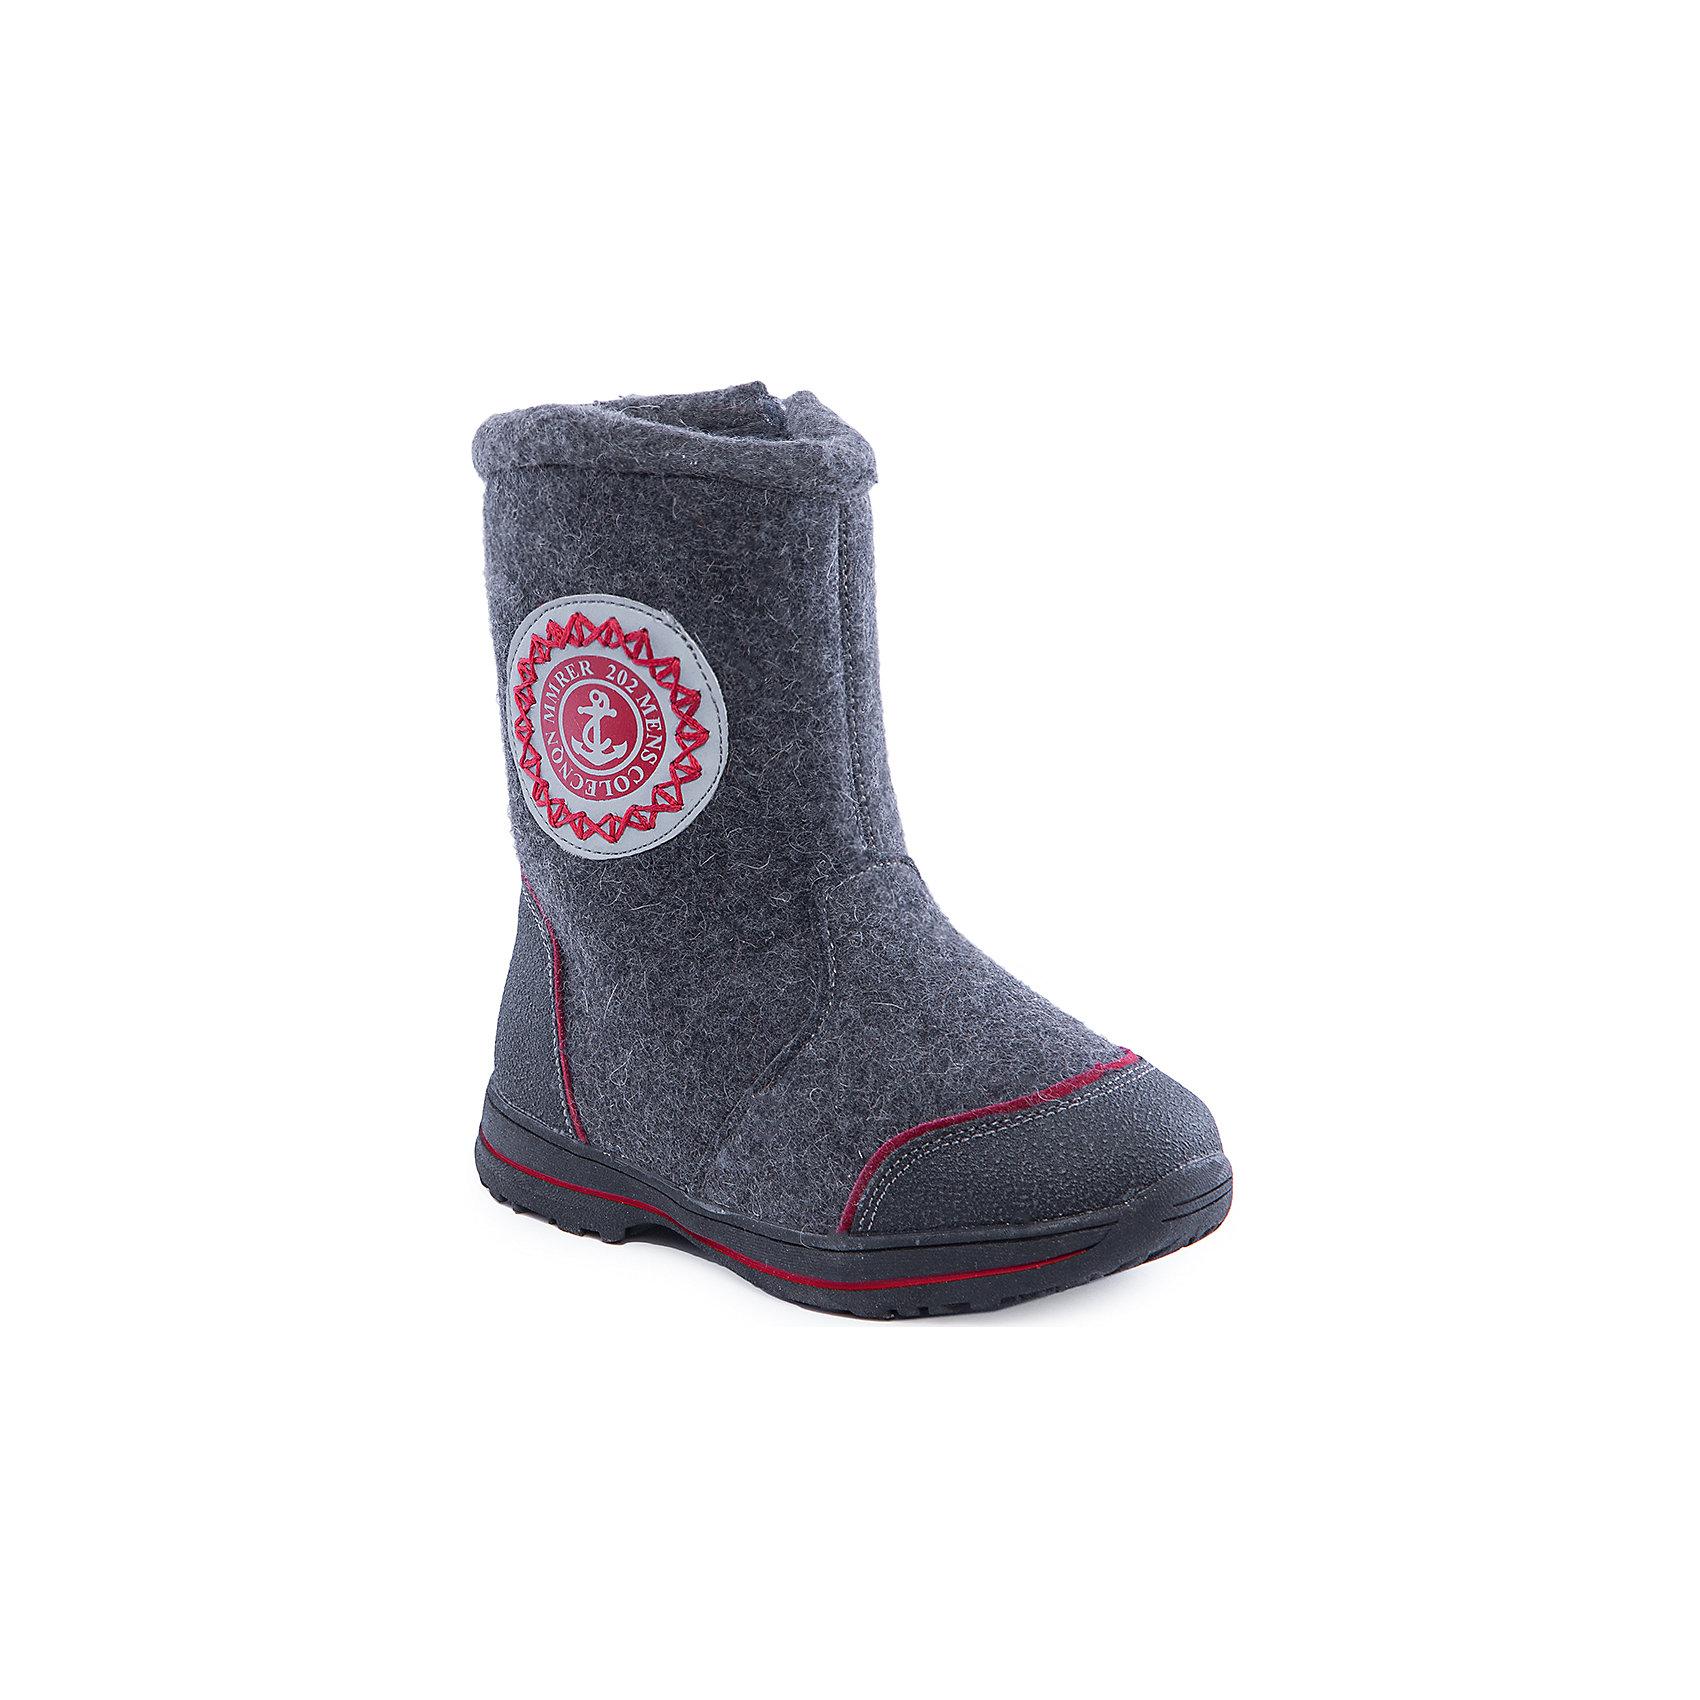 Валенки для мальчика Indigo kidsВаленки для мальчика от известного  бренда Indigo kids<br><br>Модные и удобные валенки помогут защитить детские ножки от сырости и холода. Они легко надеваются, комфортно садятся по ноге.<br><br>Особенности модели:<br><br>- цвет - серый;<br>- стильный дизайн;<br>- защита пятки и пальцев;<br>- удобная колодка;<br>- подкладка утепленная;<br>- аппликация на голенище;<br>- устойчивая рифленая подошва;<br>- застежка - молния.<br><br>Дополнительная информация:<br><br>Температурный режим:<br><br>от -20° С до 0° С<br><br>Состав:<br><br>верх – войлок/кожа натуральная;<br>подкладка - шерсть.<br><br>Валенки для мальчика Indigo kids (Индиго Кидс) можно купить в нашем магазине.<br><br>Ширина мм: 257<br>Глубина мм: 180<br>Высота мм: 130<br>Вес г: 420<br>Цвет: серый<br>Возраст от месяцев: 72<br>Возраст до месяцев: 84<br>Пол: Мужской<br>Возраст: Детский<br>Размер: 29,30,33,28,31,32<br>SKU: 4340433